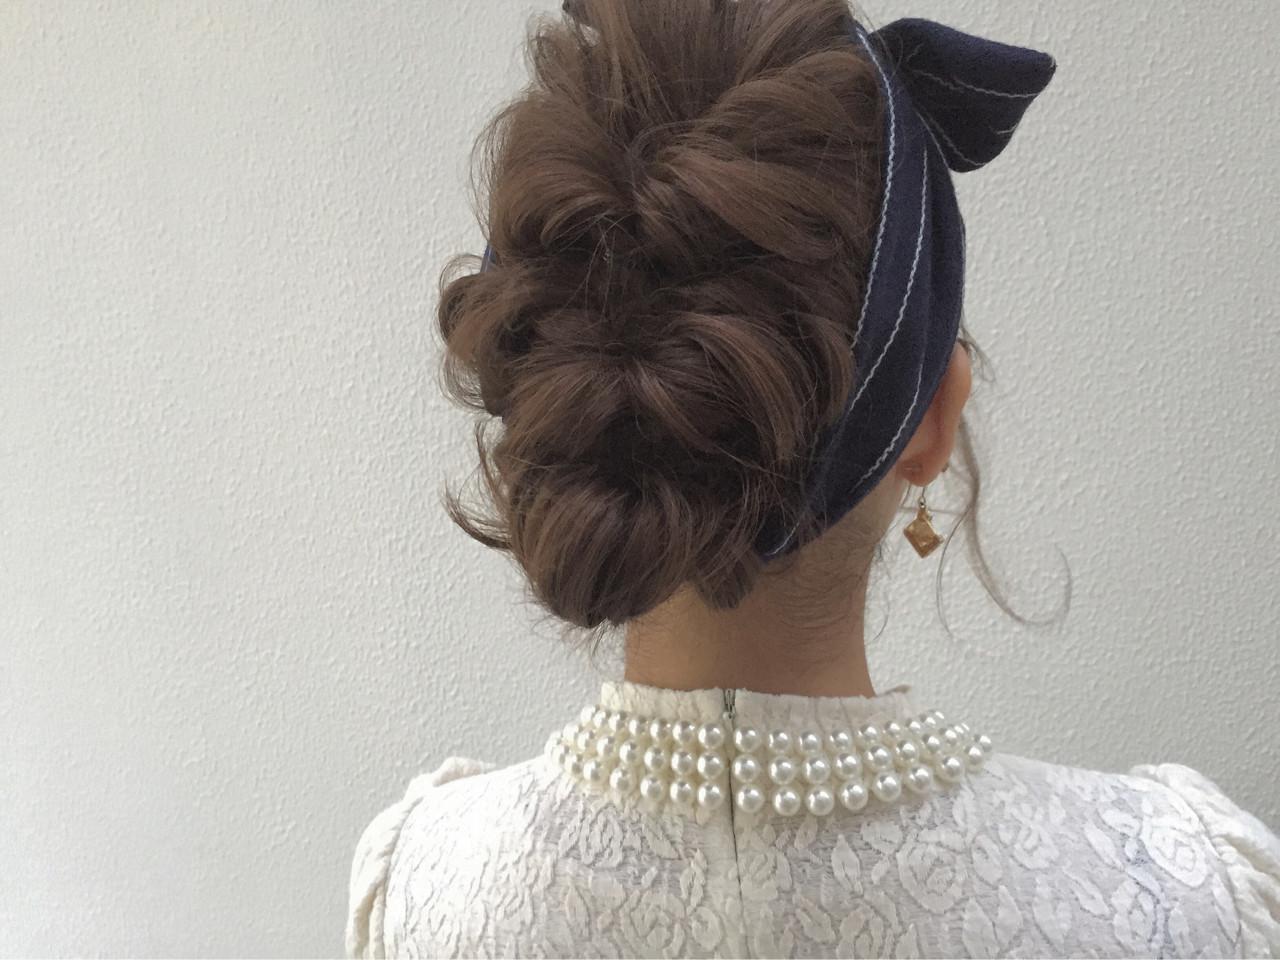 [詳しい方法付き]毎日をオシャレに飾りたい!誰でもできる簡単ヘアアレンジ特集 出典:三大寺 慶悟 / CHEST KOBE